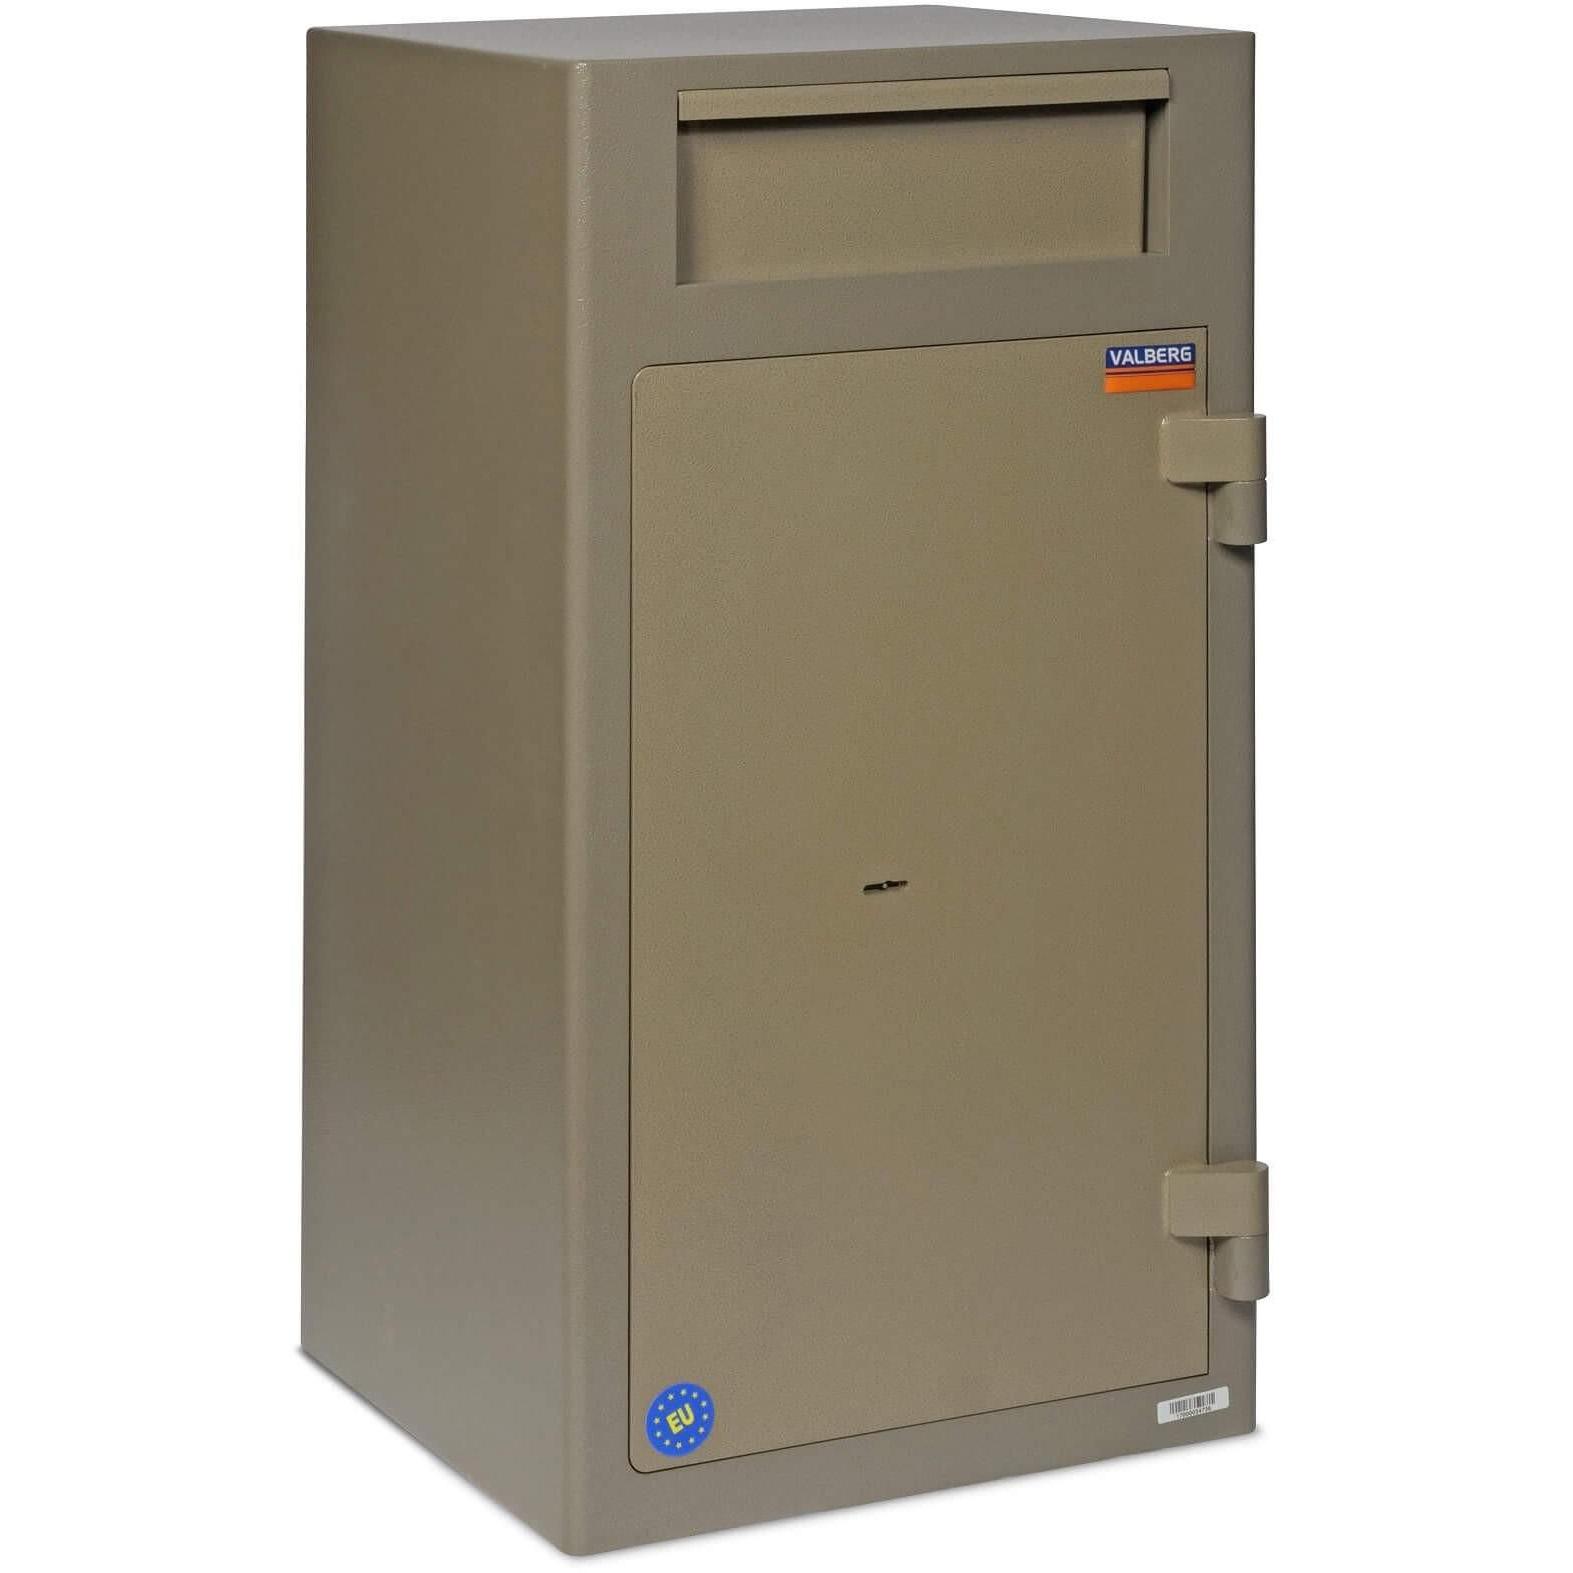 Valberg ASD 32KL Key lock Deposit Safe